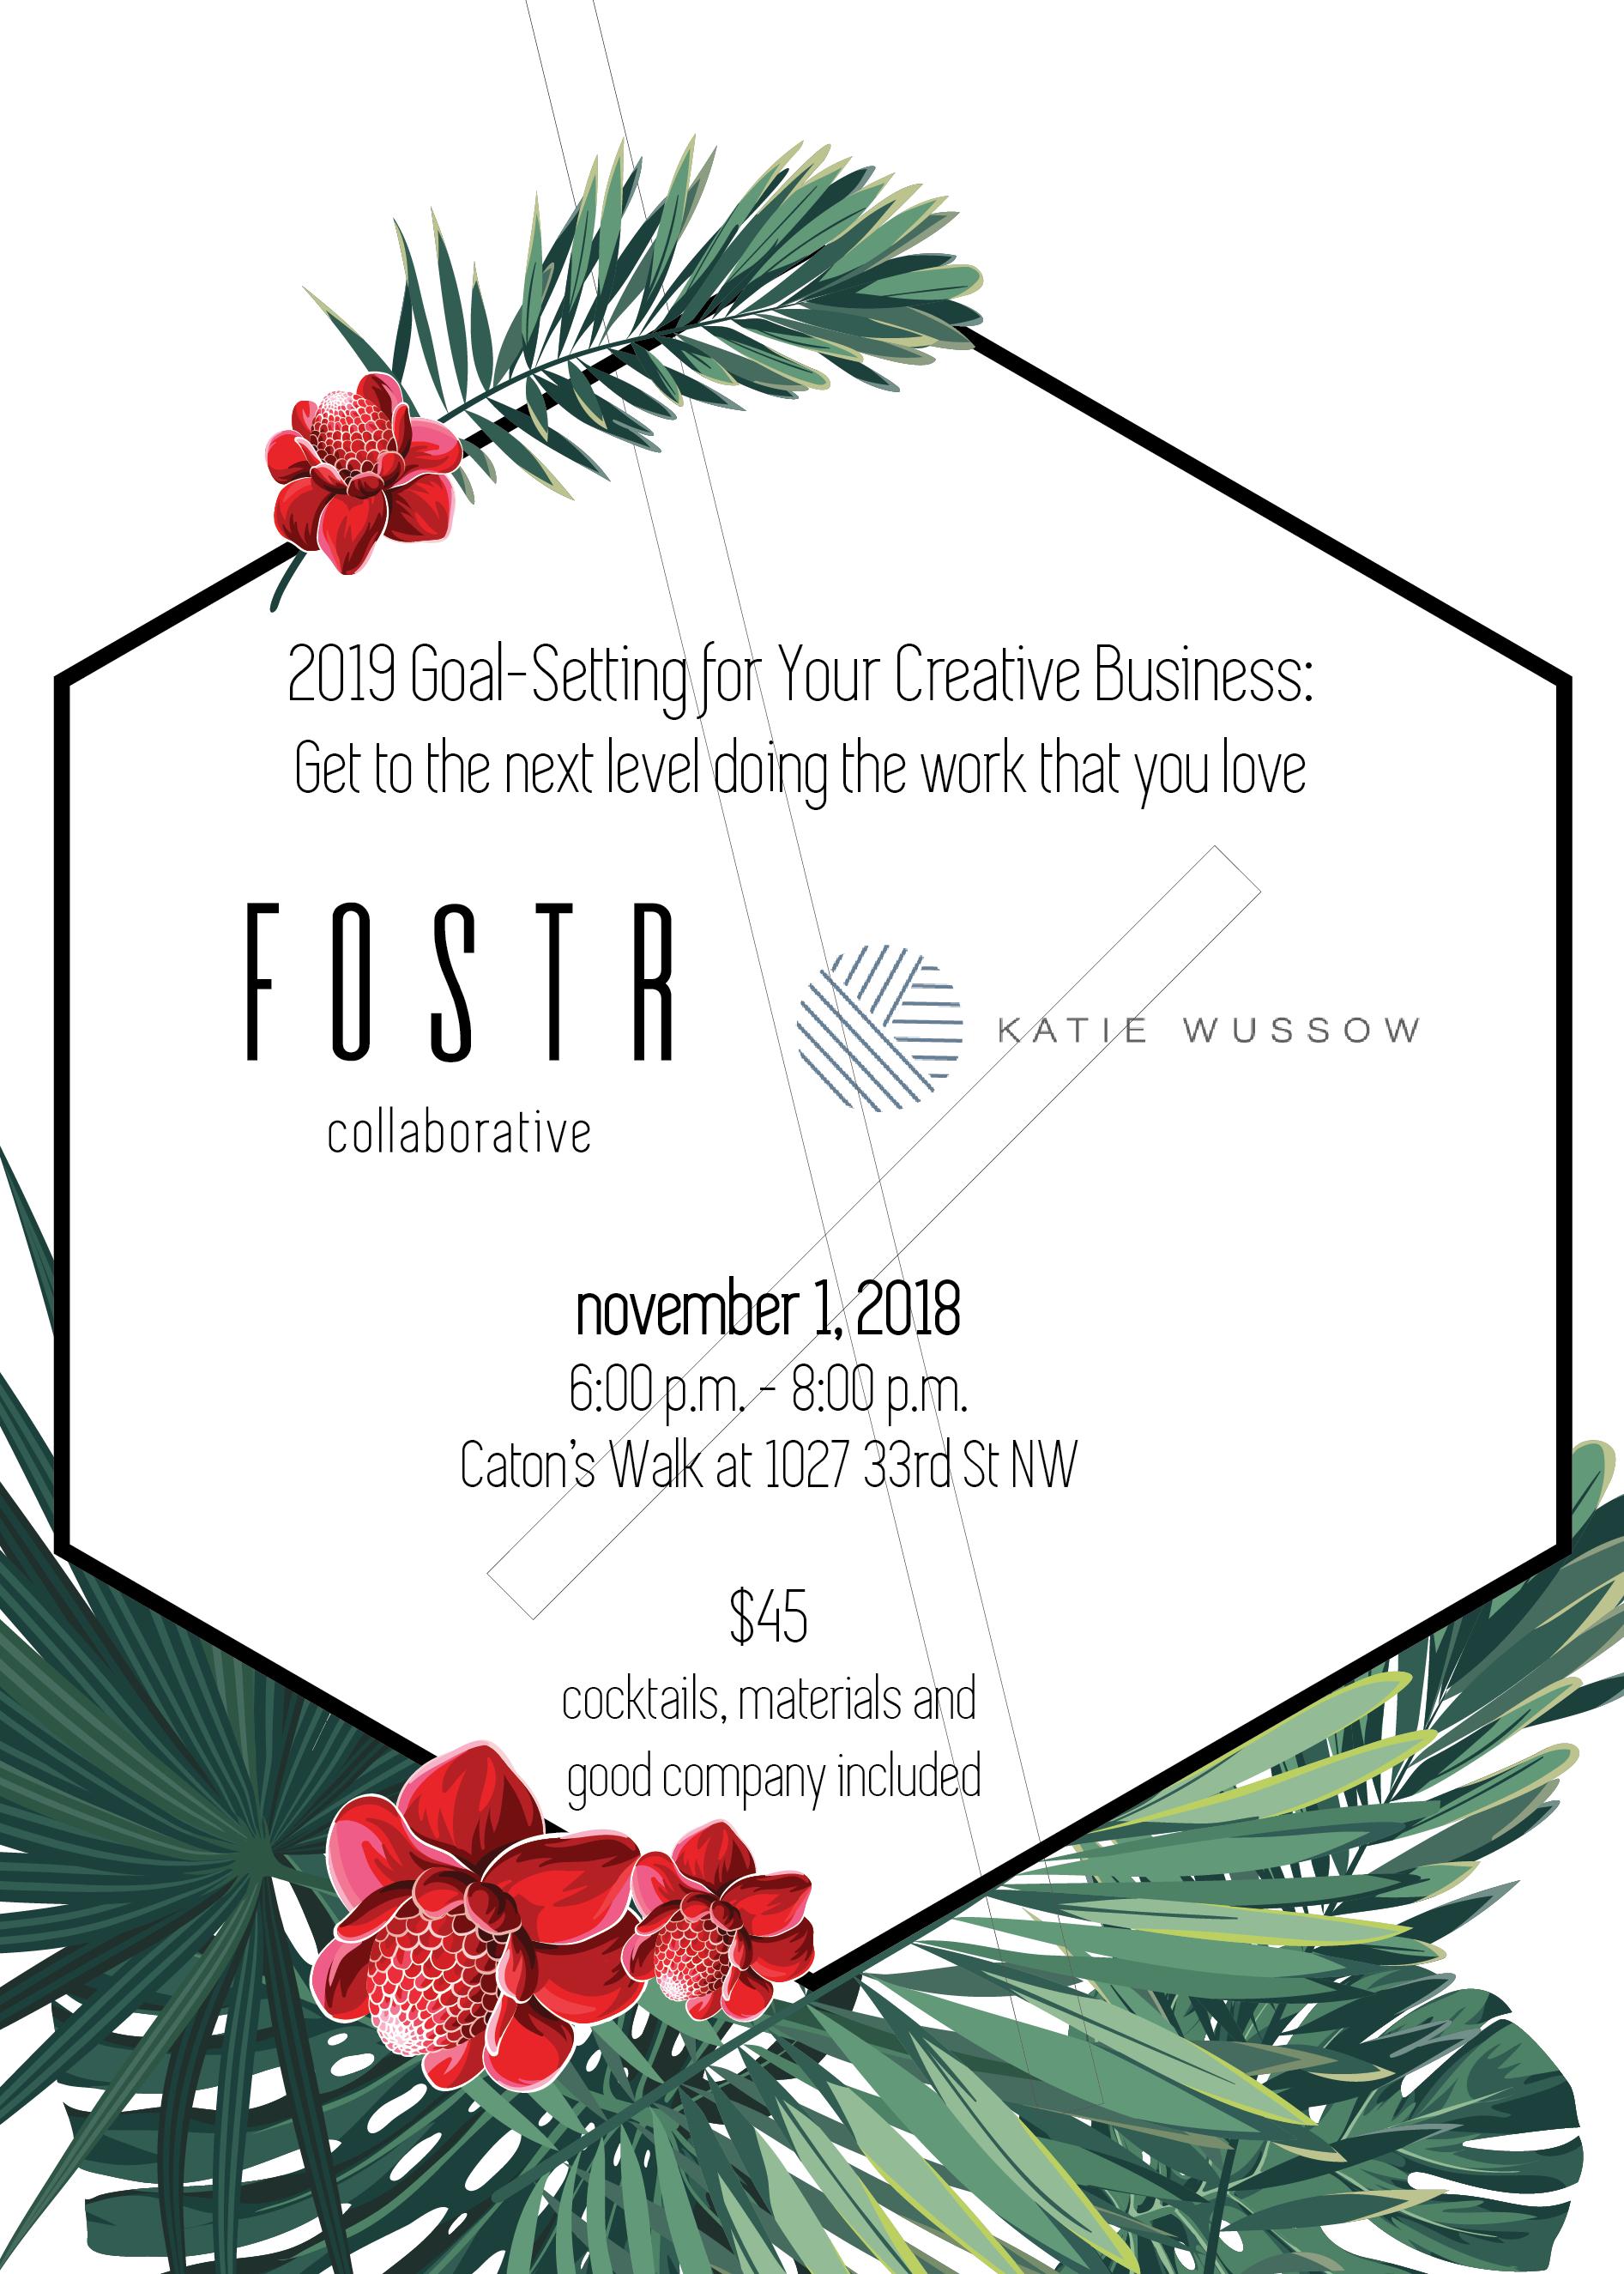 fostr_workshop_graphics_kate_20181101-01.png